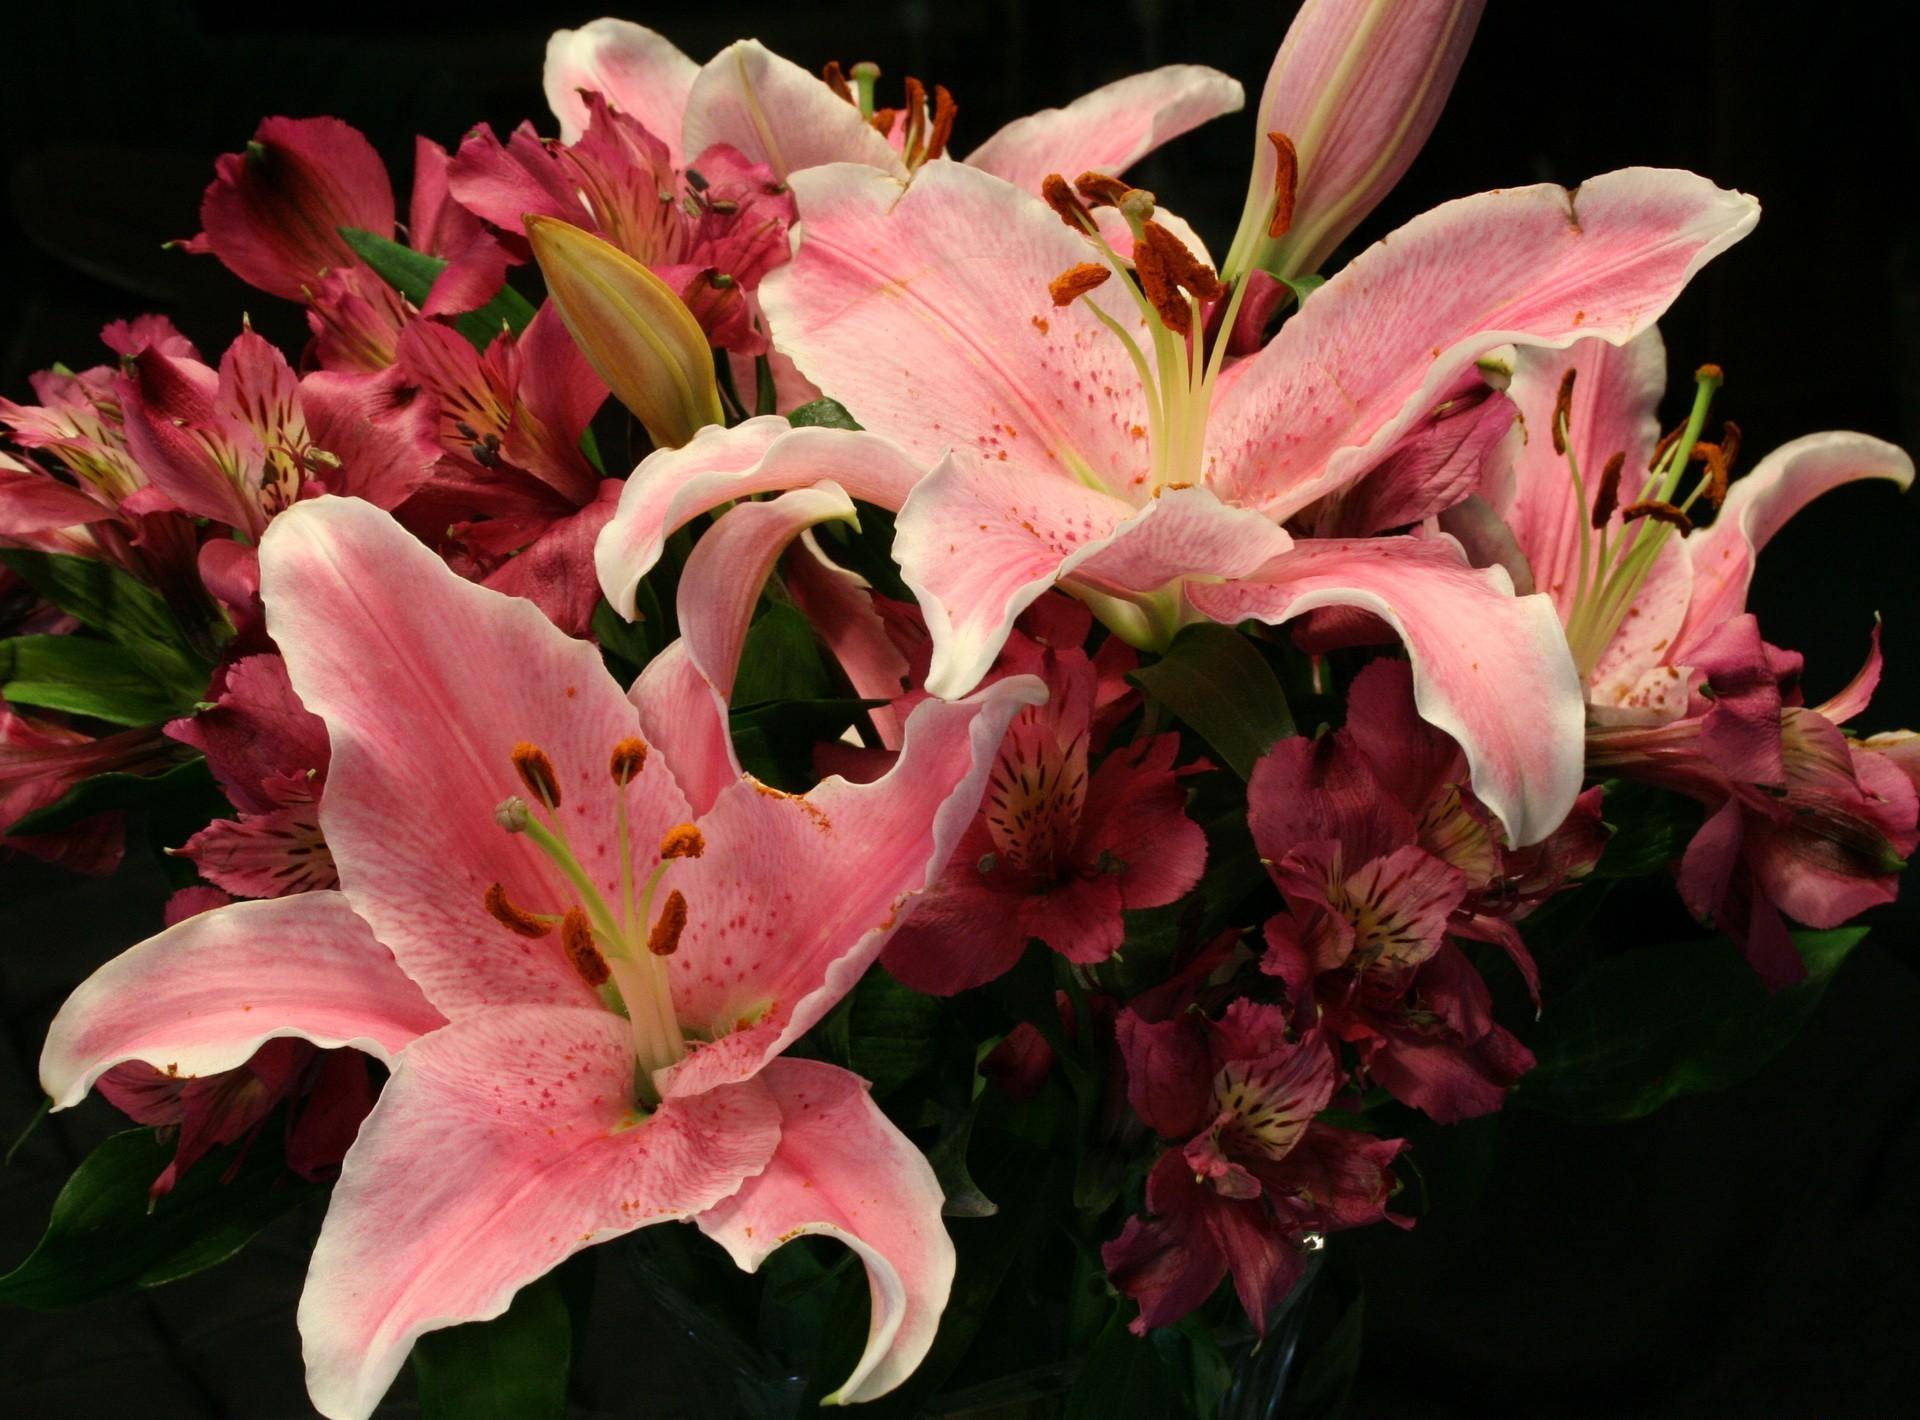 148509 скачать обои Цветы, Лилии, Альстромерия, Букет - заставки и картинки бесплатно